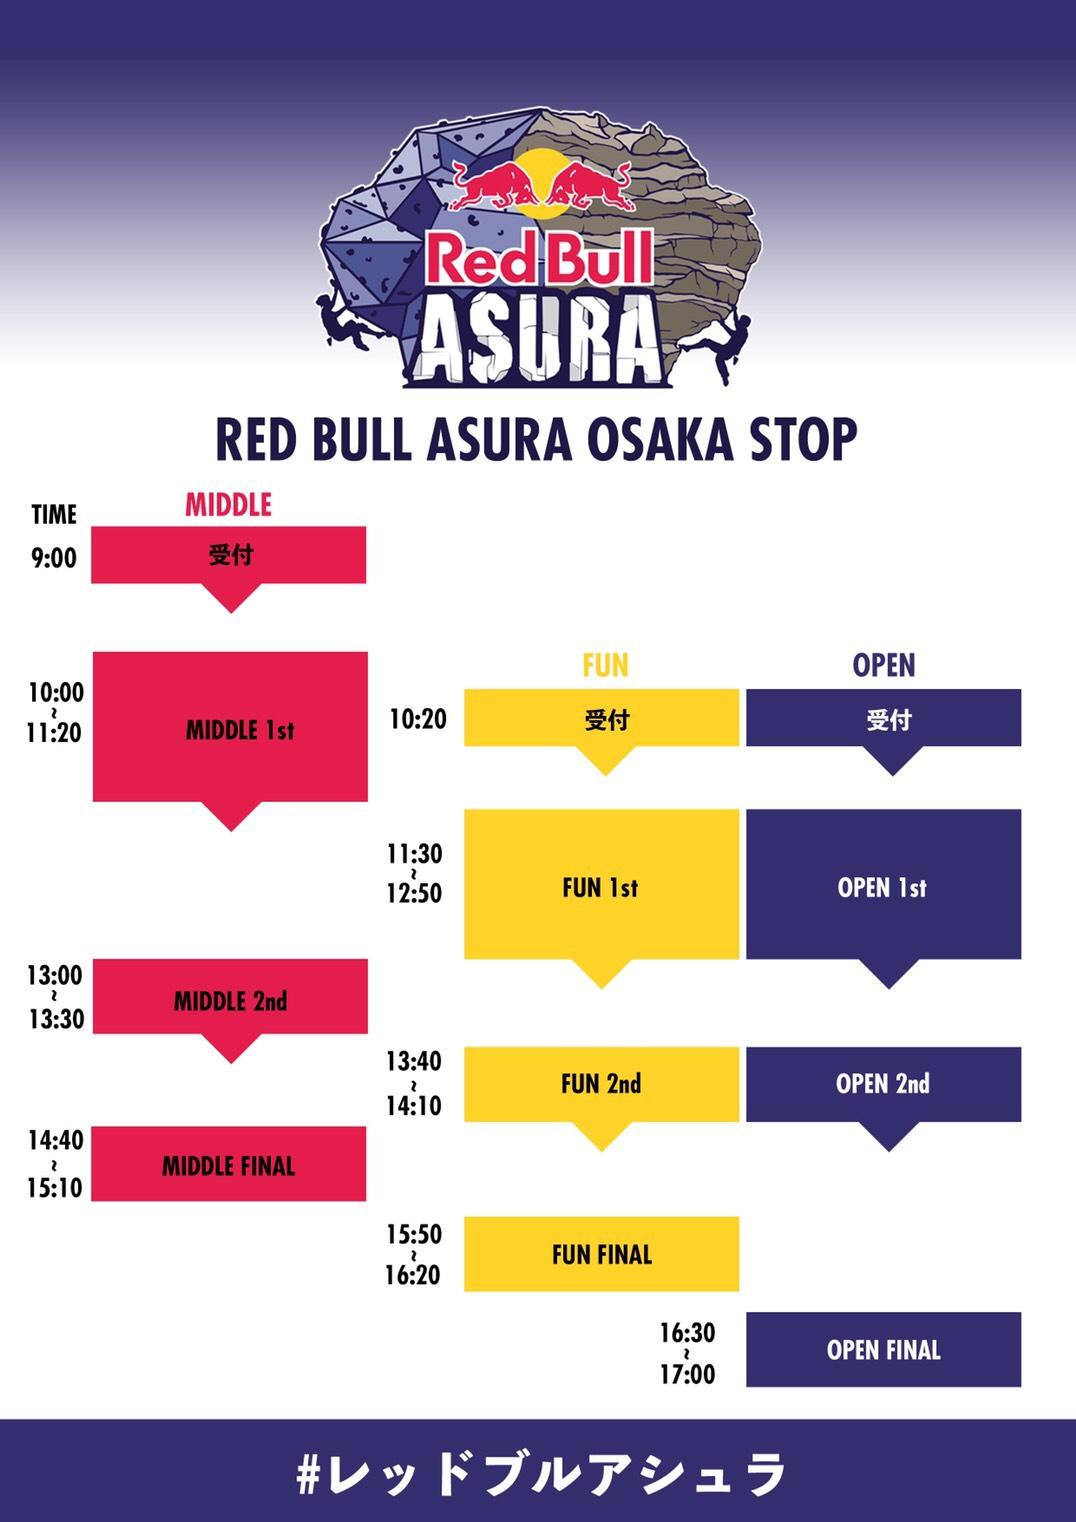 ASURAのタイムスケジュール出来ました!!